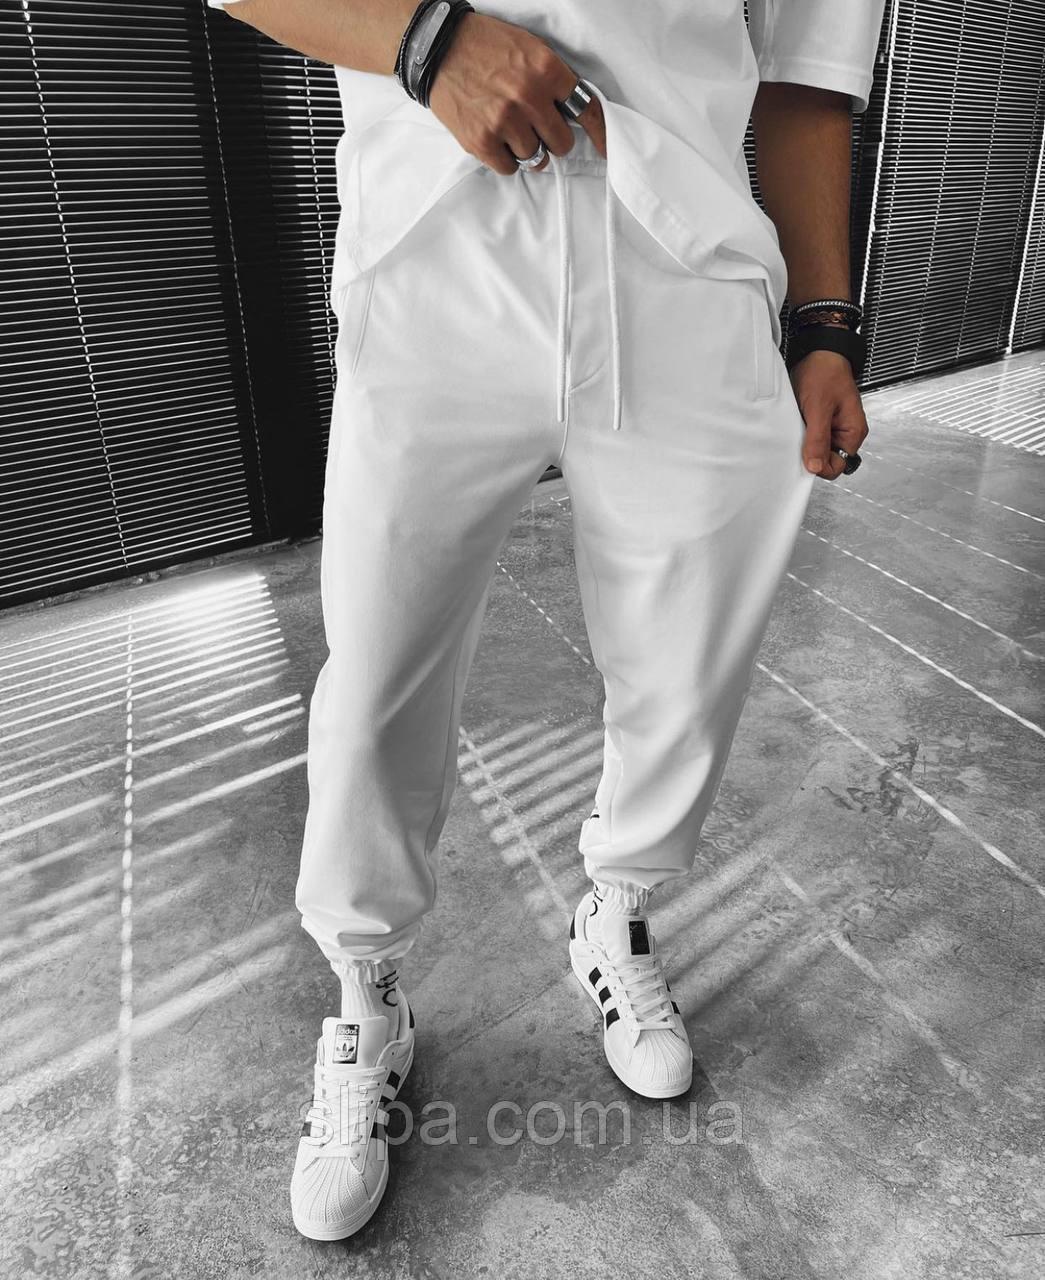 Белые спортивные штаны с принтом 23 | Турция | хлопок + полиэстер + эластан